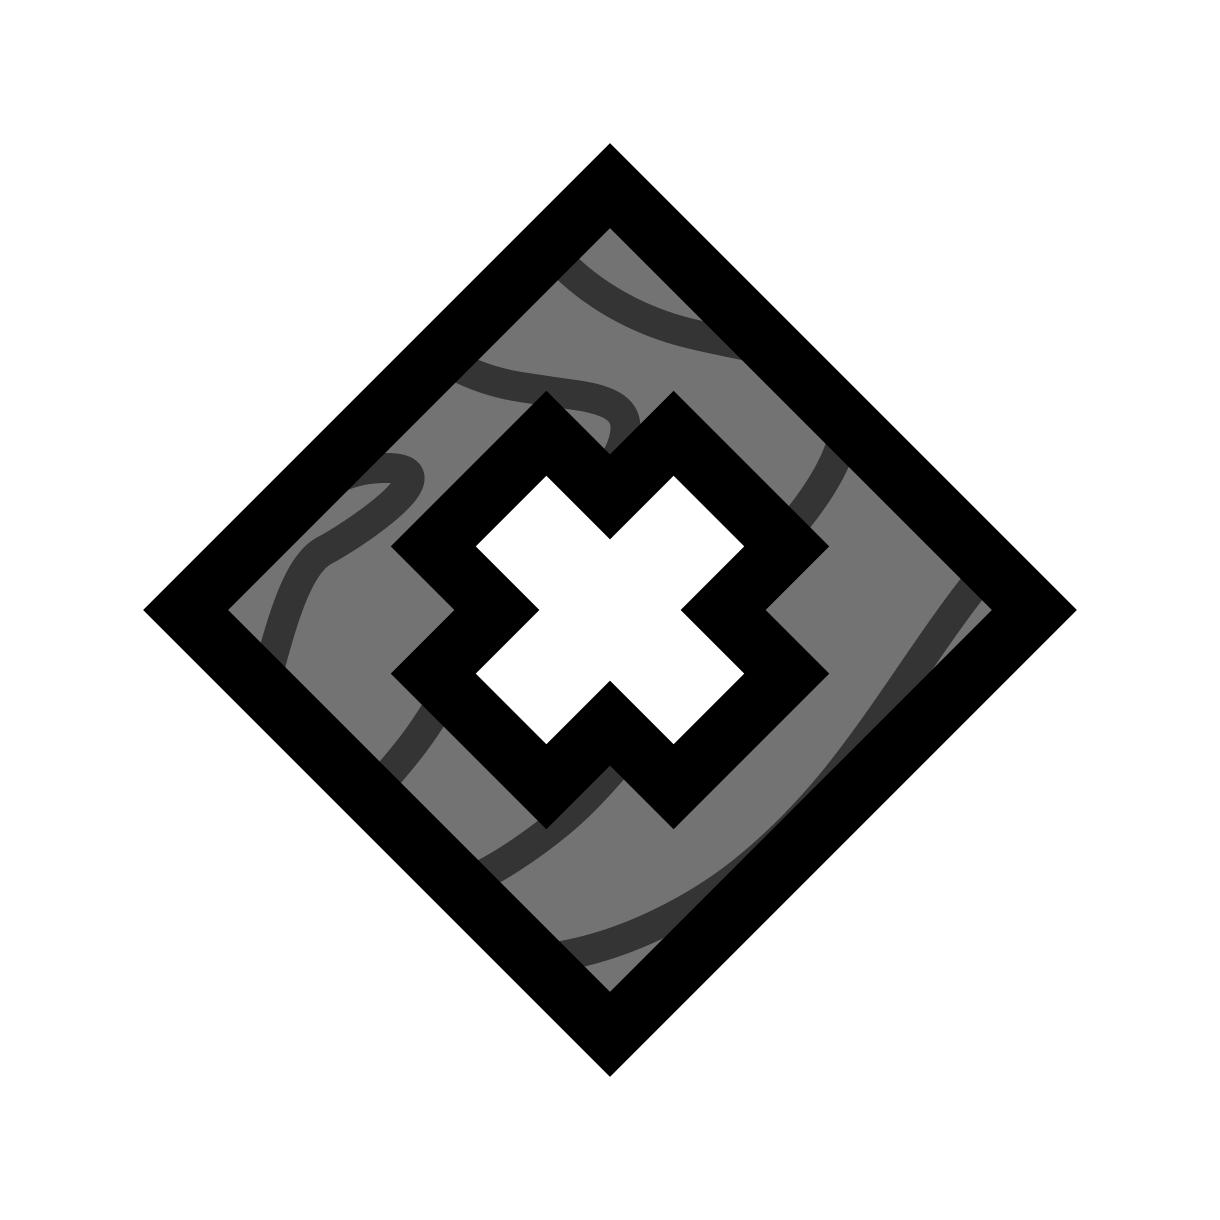 atlas_icon_adblocker-01